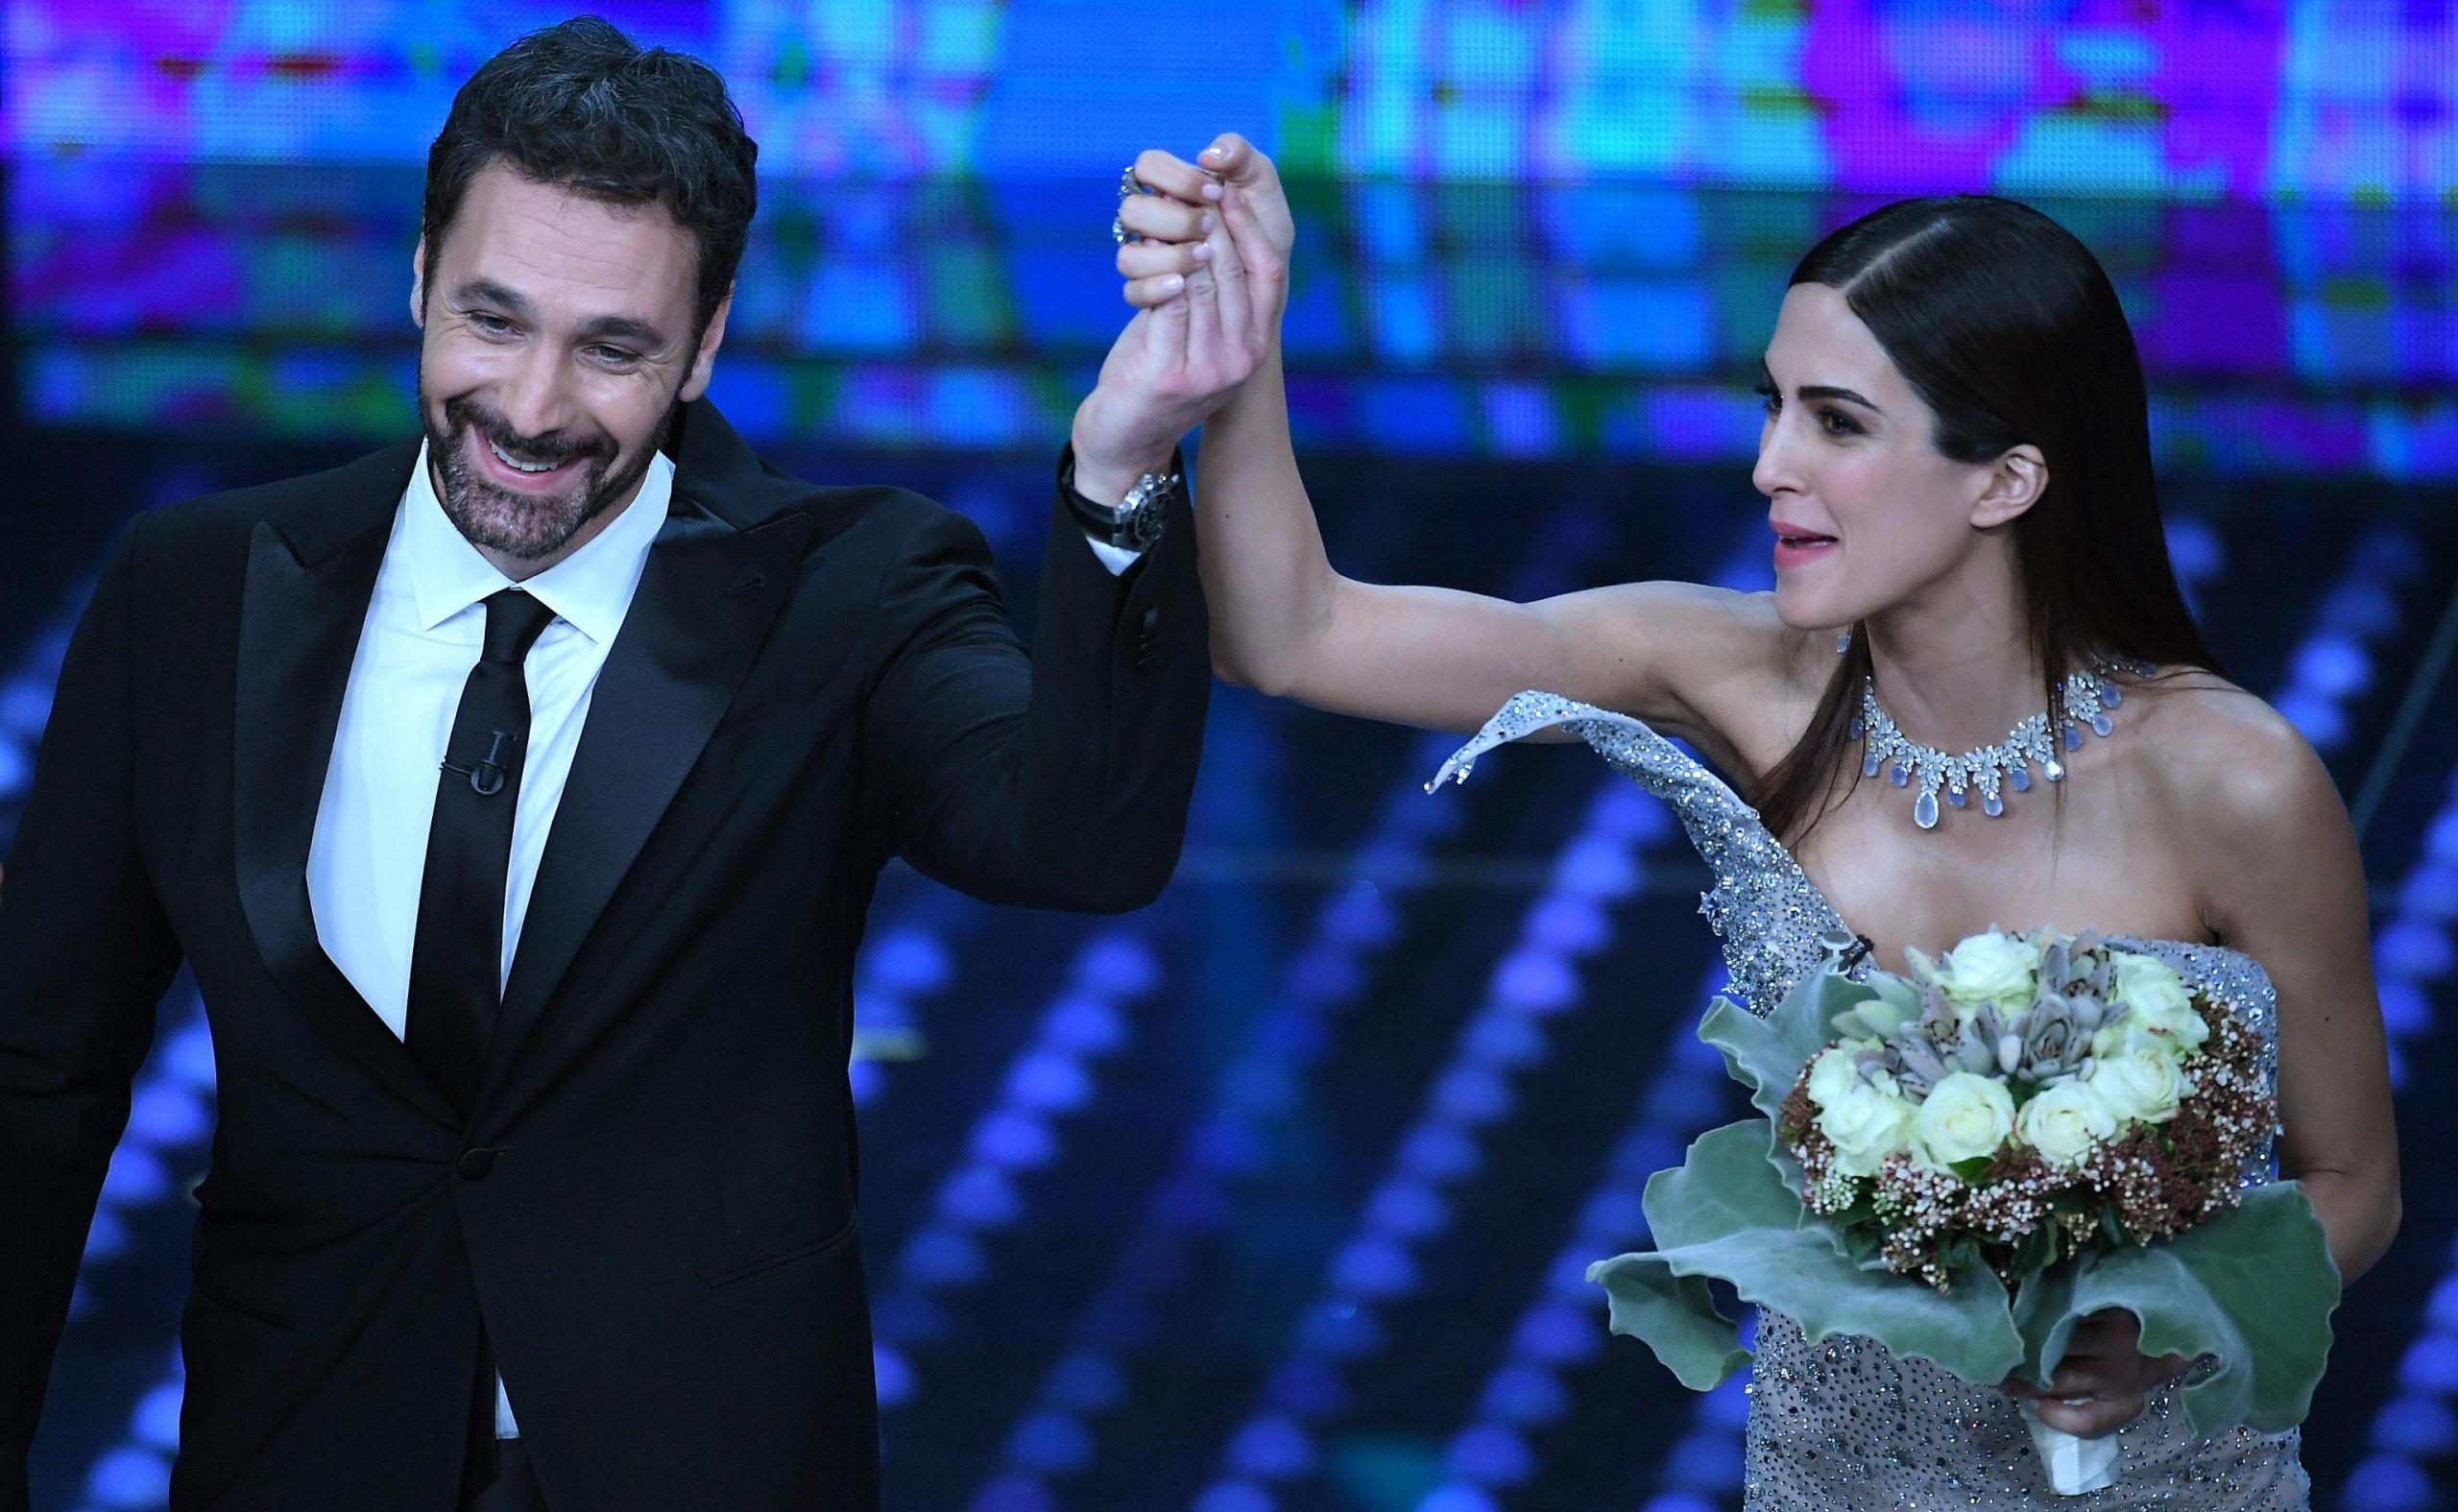 Raoul Bova e Rocío Muñoz Morales genitori bis: nata la seconda figlia della coppia